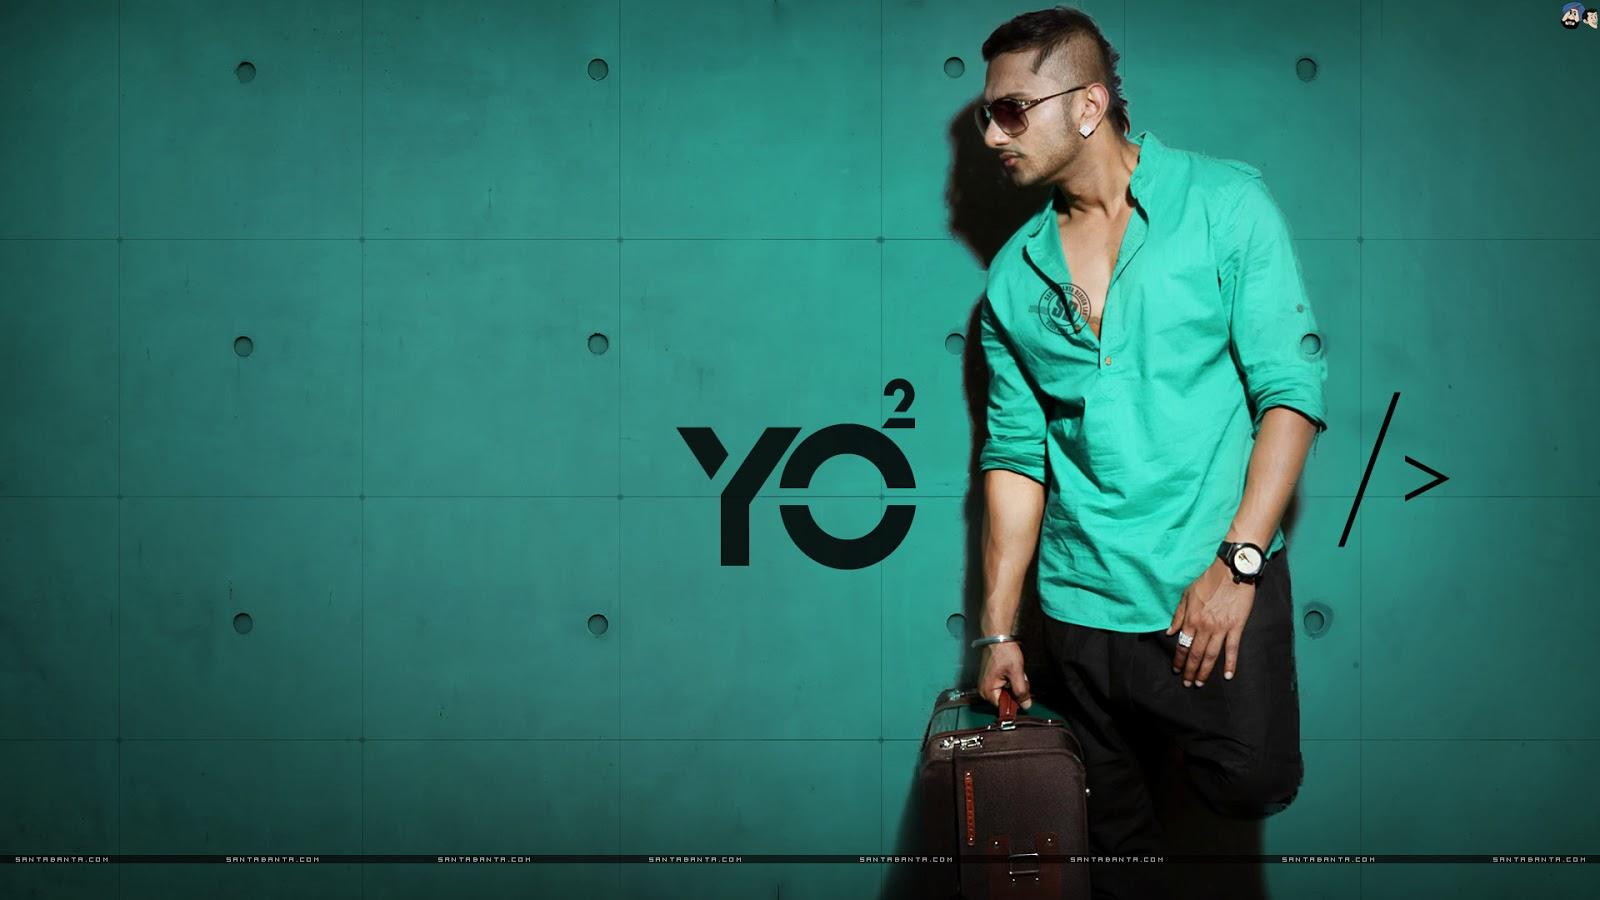 Yo Yo Honey Singh Hair Style Wallpaper Yo yo honey singh wallpapers,